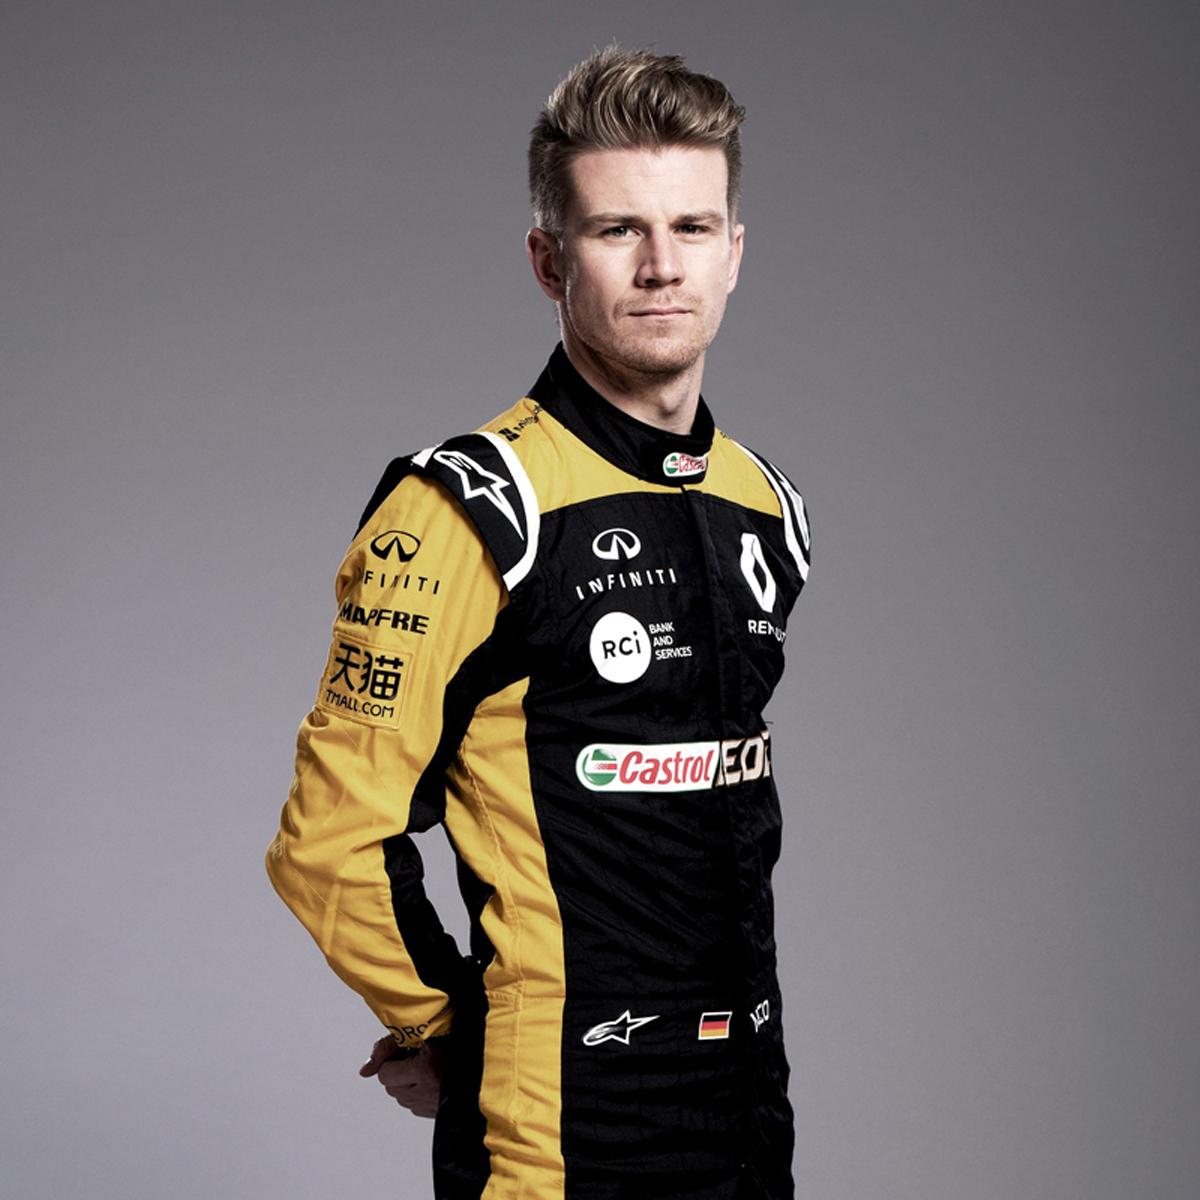 ニコ・ヒュルケンベルグ(ルノー):2018年 F1レーシングスーツ